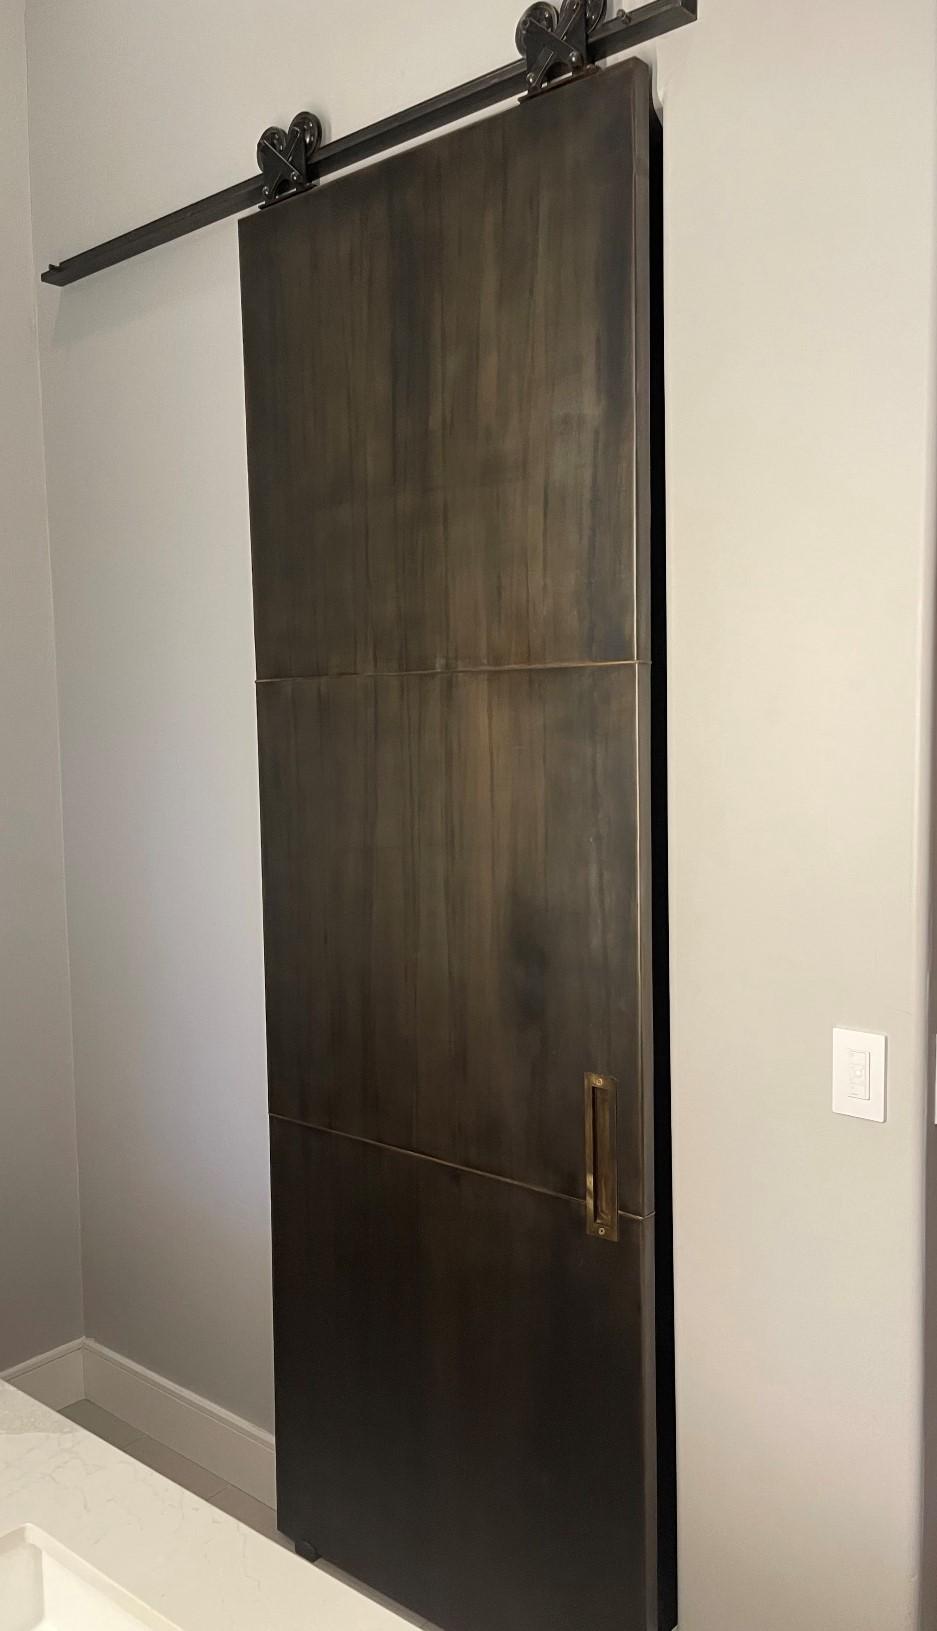 metal panel door with brass handle